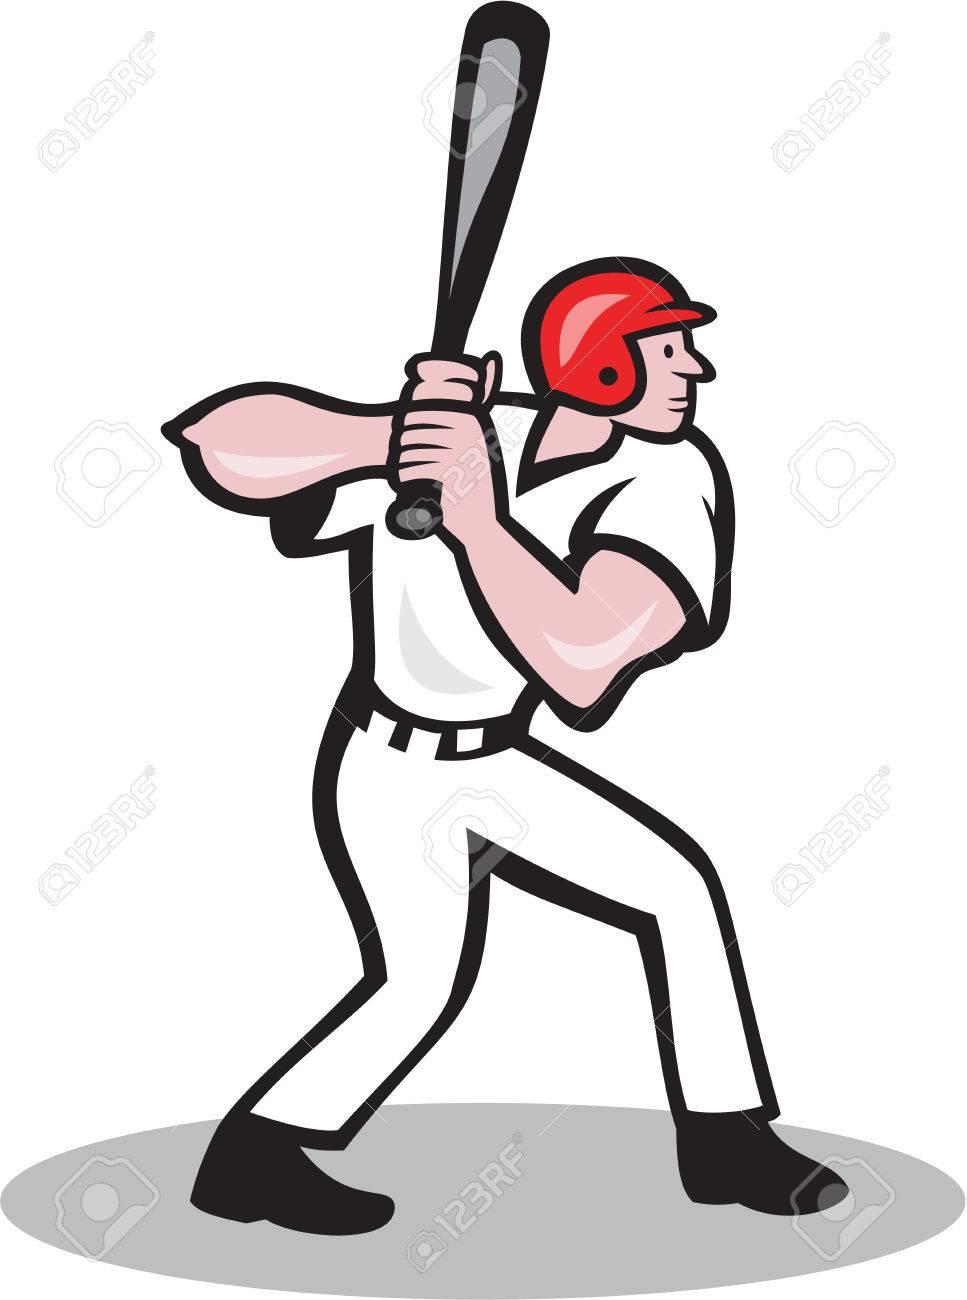 Ilustracion De Un Jugador De Beisbol Bateador Bateo Con El Bate Bateador Visto Desde El Lado Hecho En Estilo De Dibujos Animados Aislado En El Fondo Blanco Estilos De Dibujo Dibujos